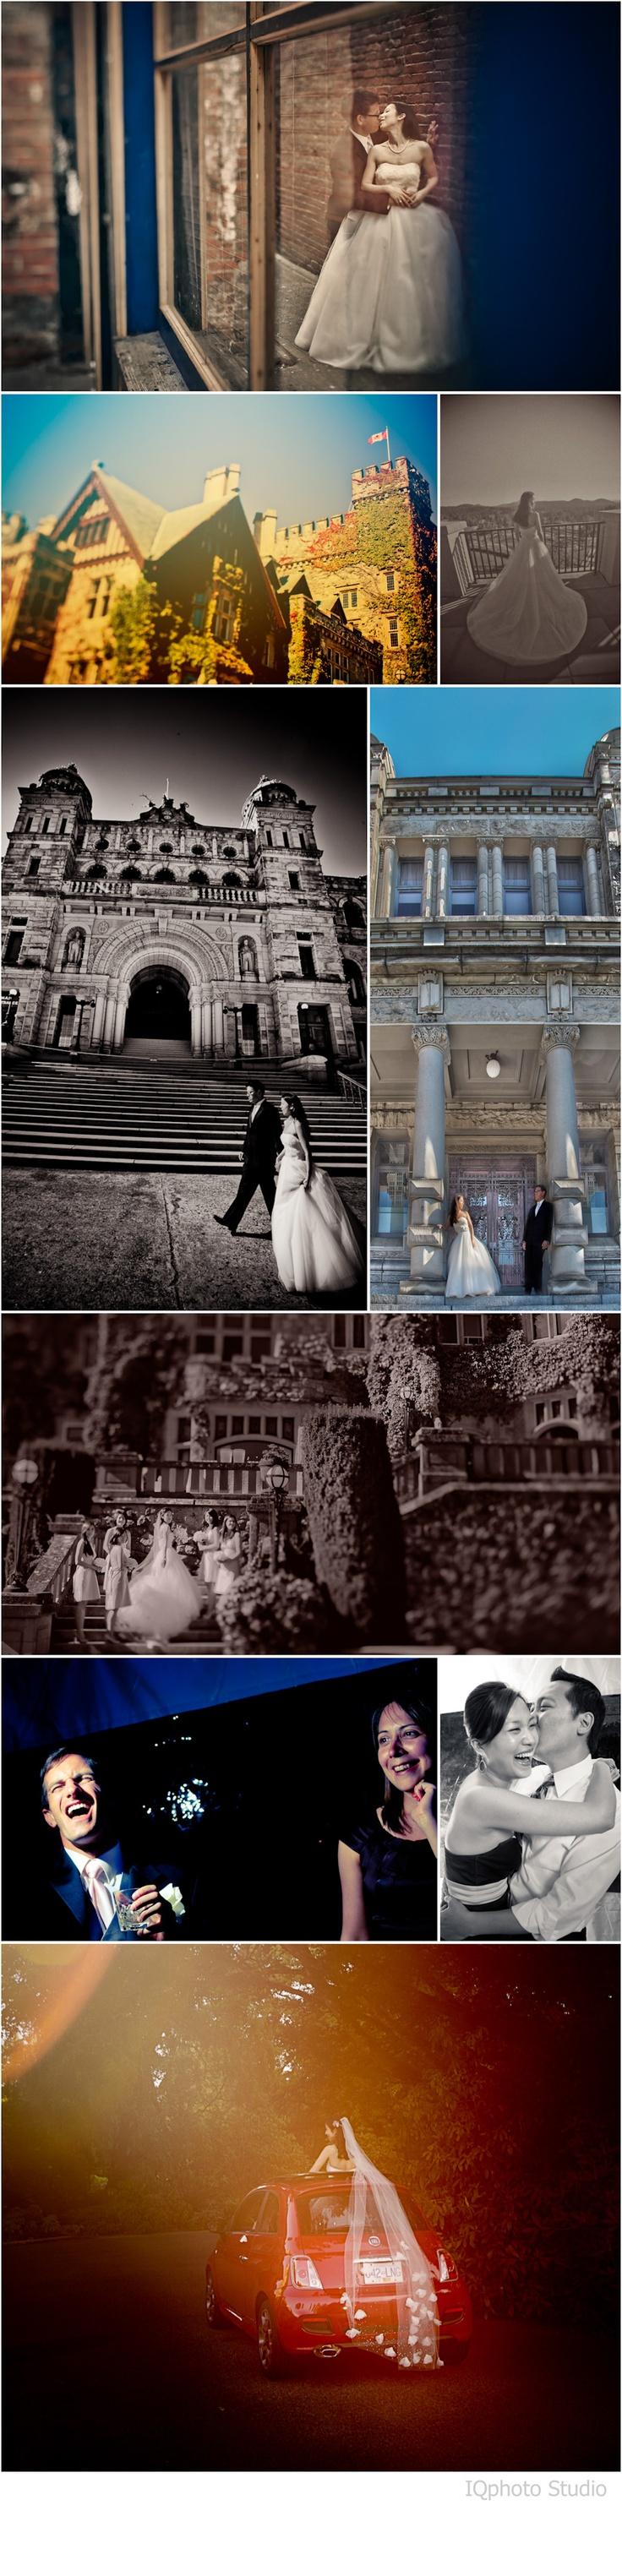 Hatley Castle Wedding. Victoria, BC. Photography by www.IQphoto.comJune Hatley Castles, Hatley Castle Wedding, Castles Wedding